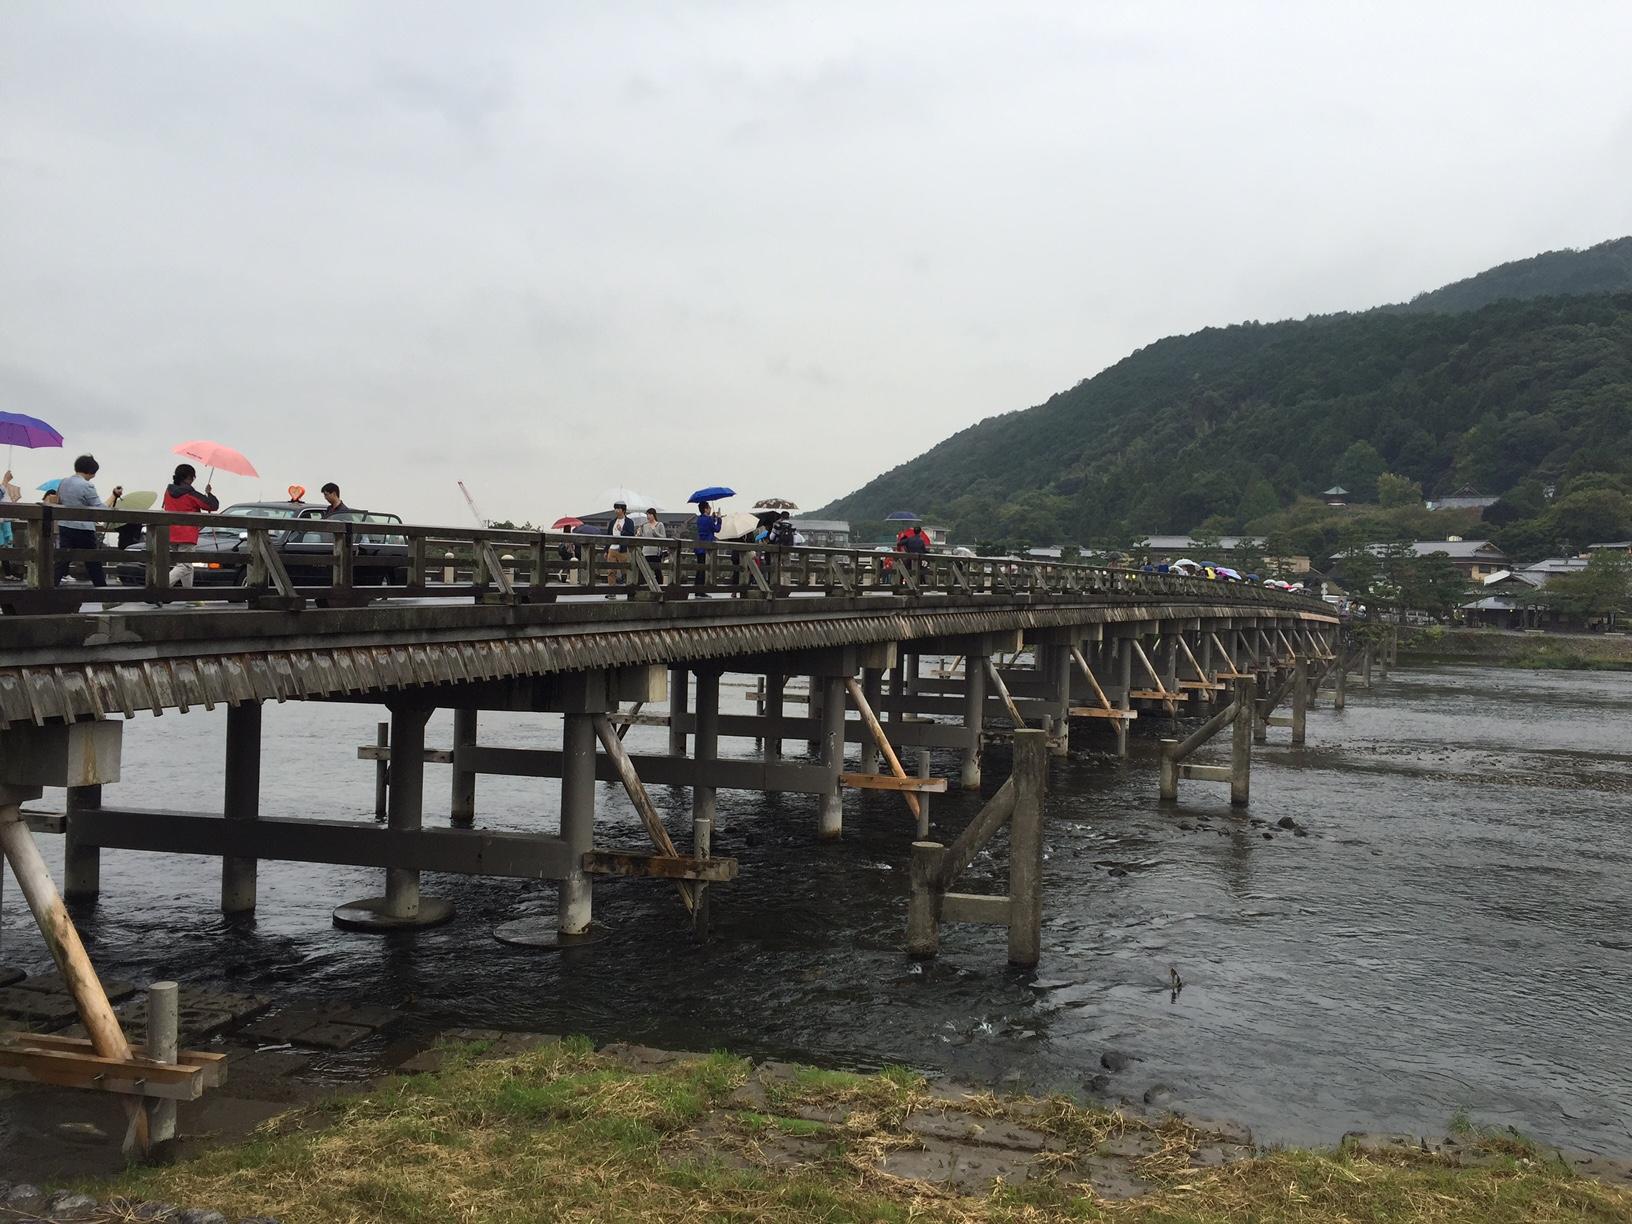 6嵐山 渡月橋2015